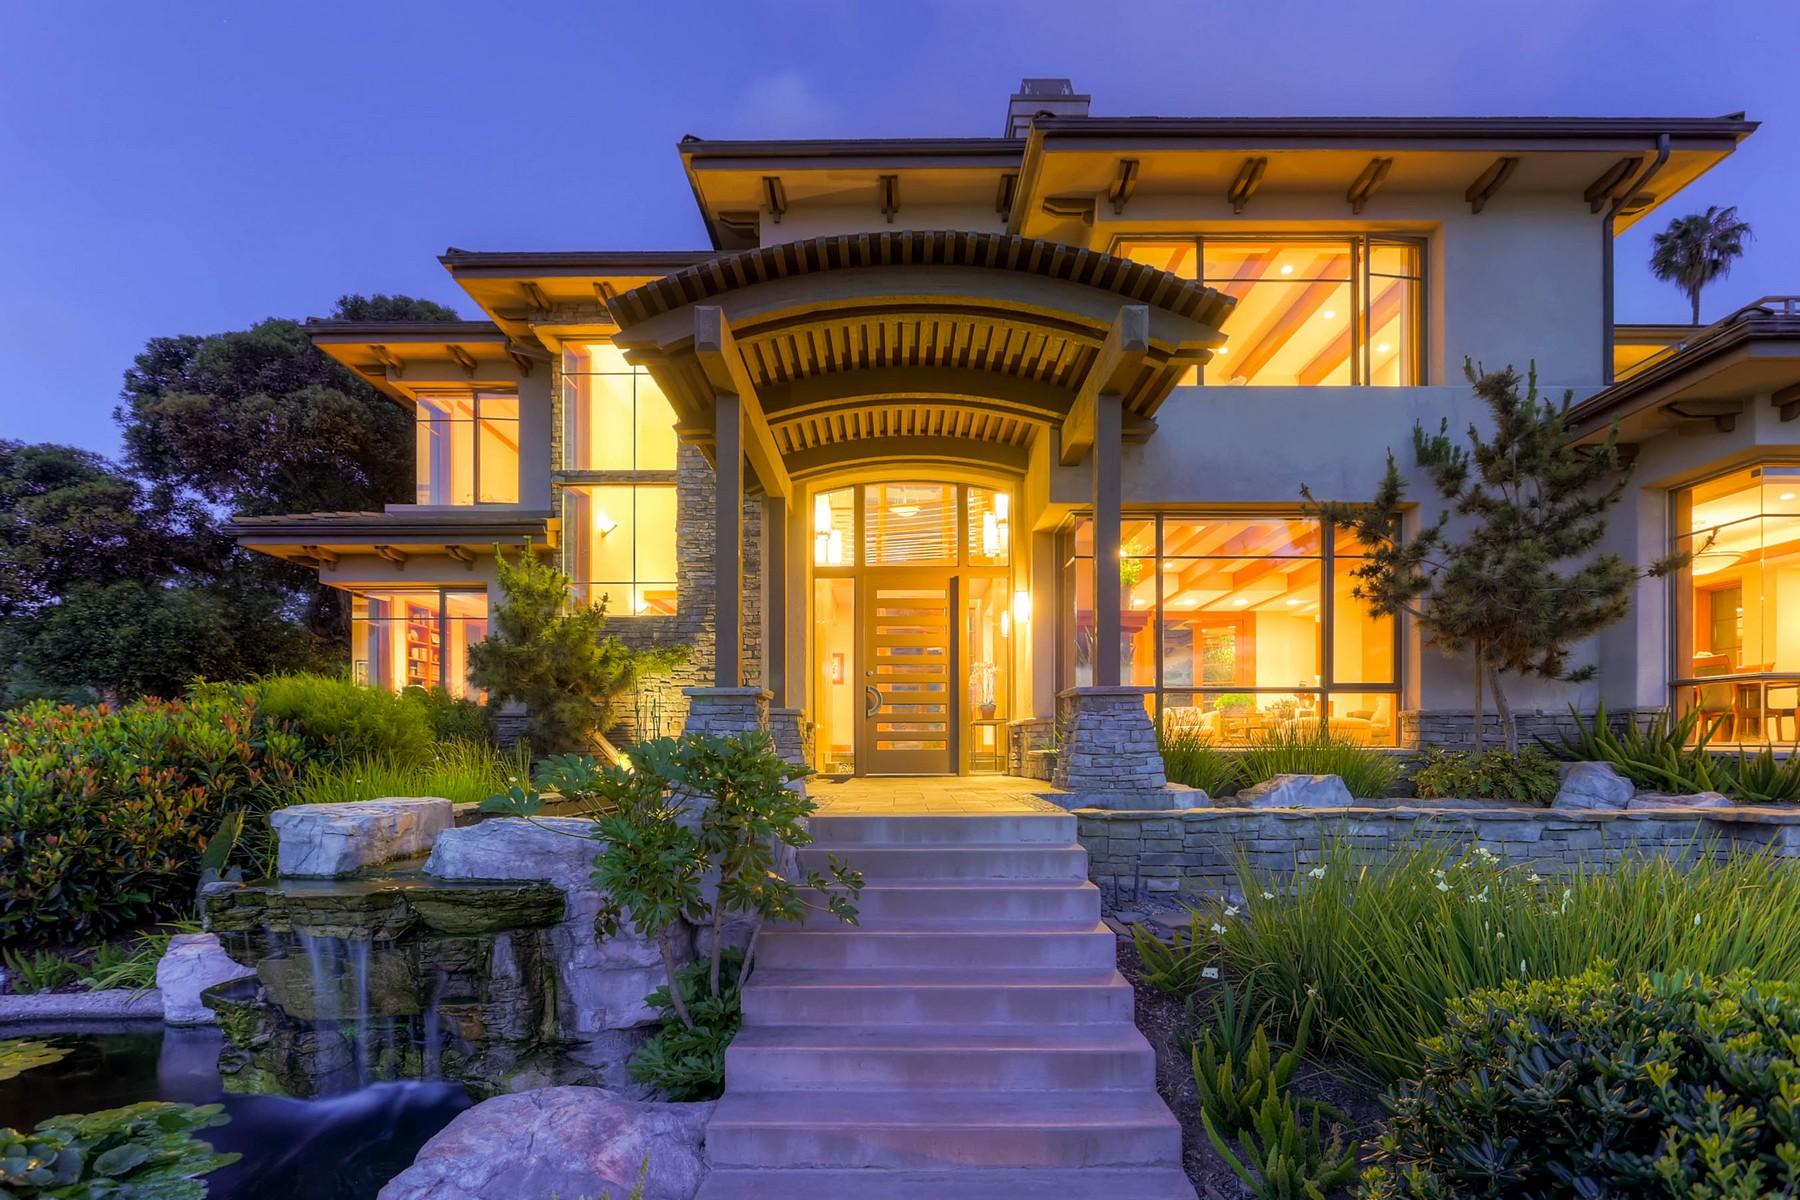 Villa per Vendita alle ore 2480 Hidden Valley Road La Jolla, California, 92037 Stati Uniti